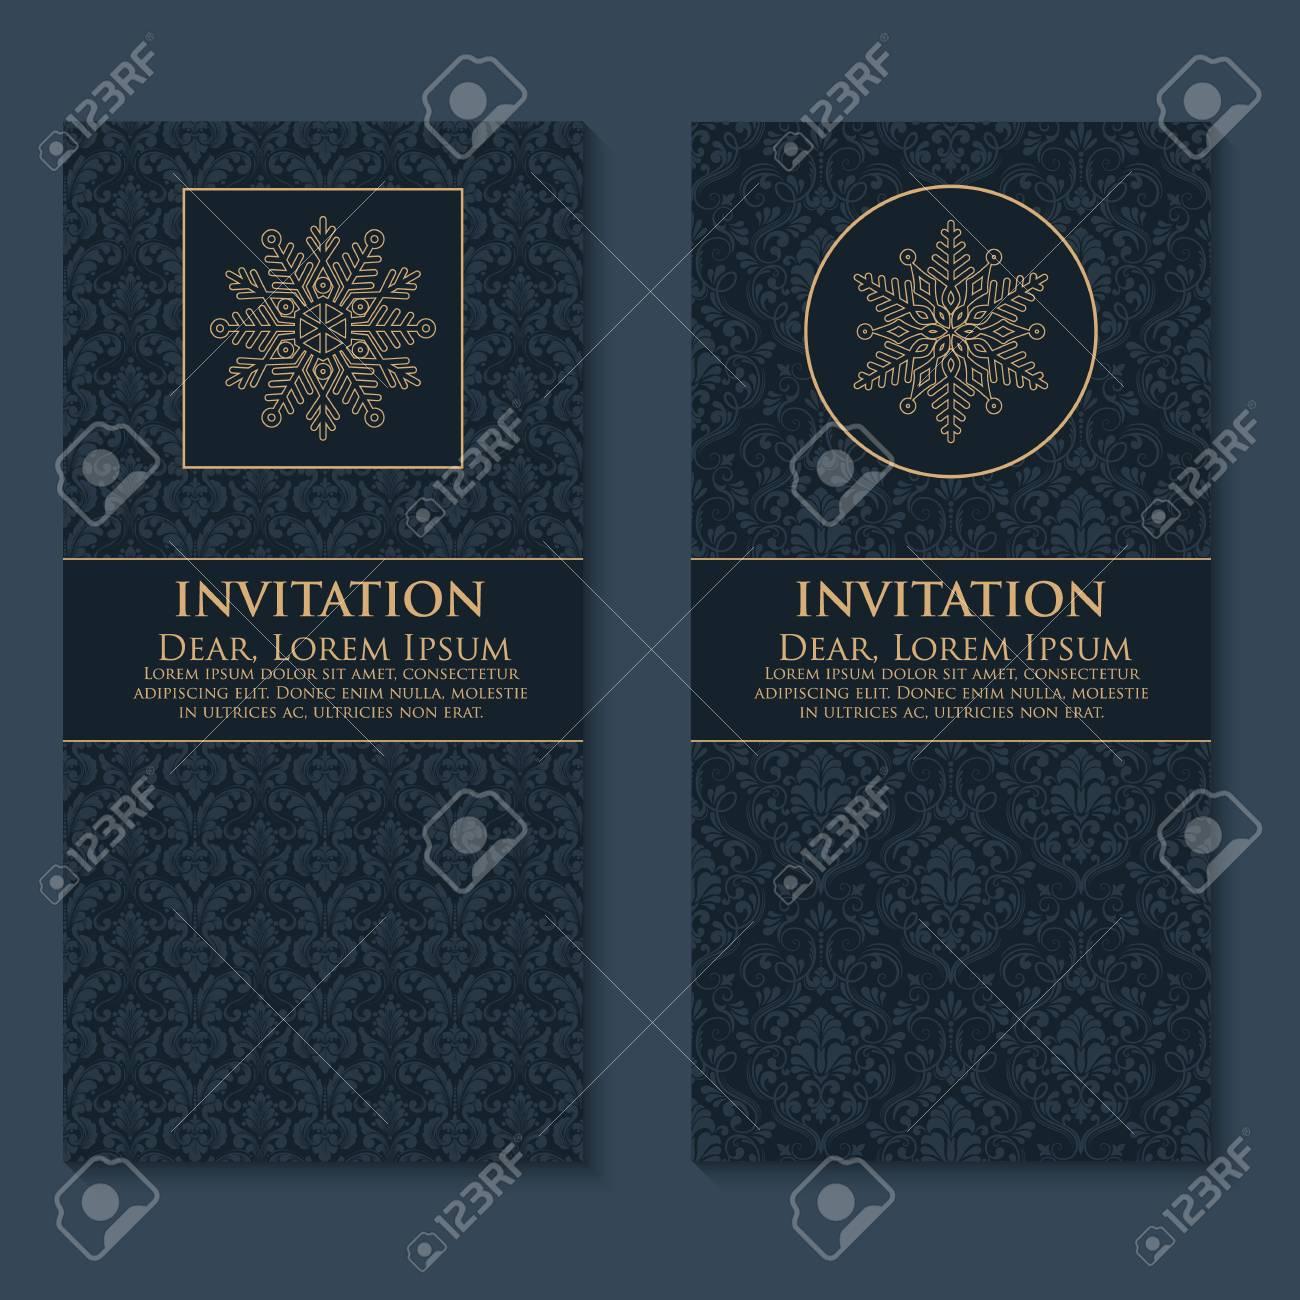 Invitation De Vecteur Cartes Avec Des Elements Ethniques Arabesques